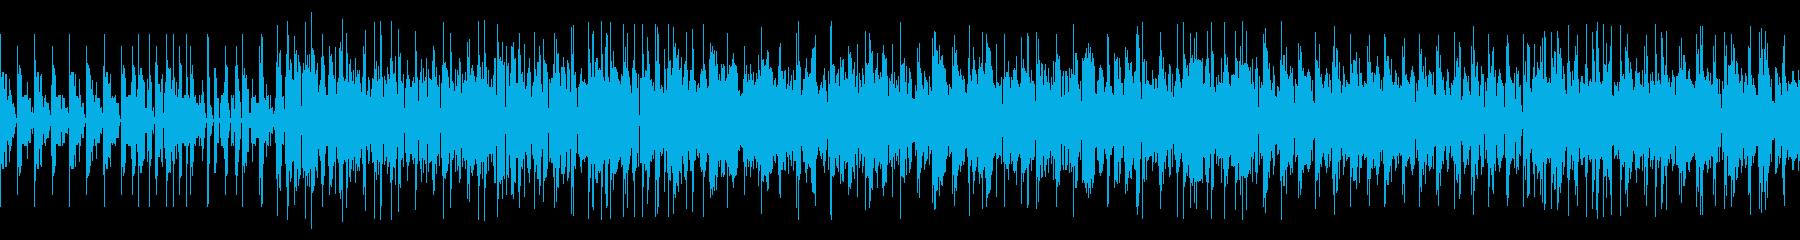 グリッチされたピアノの再生済みの波形